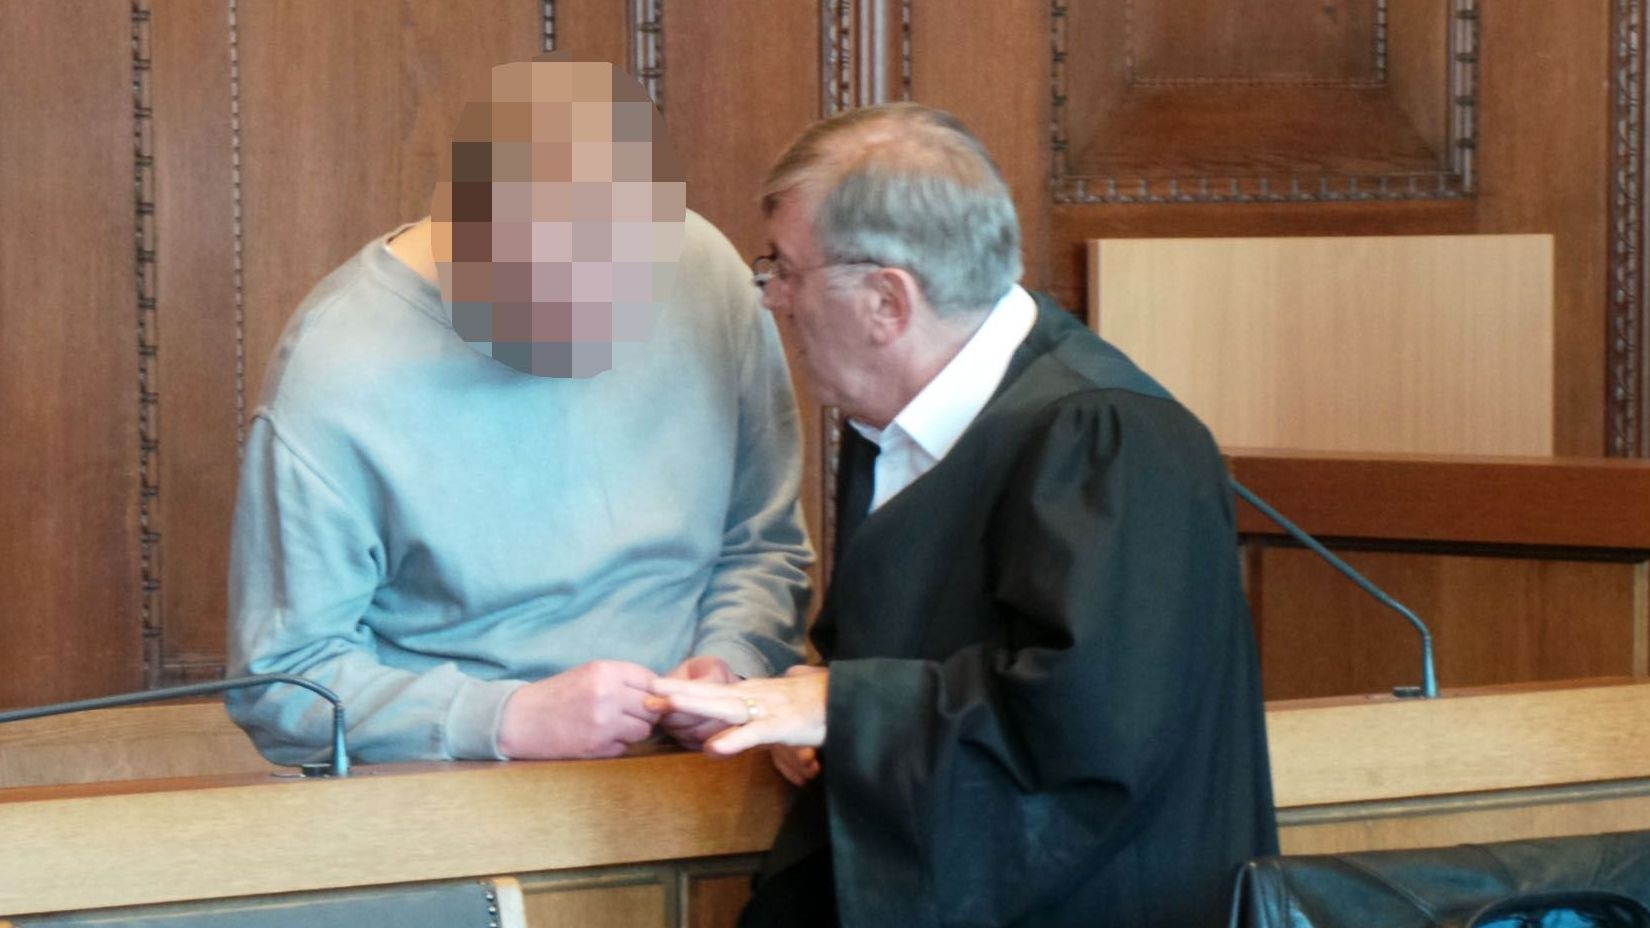 Messerstecher-Prozess am Landgericht Nürnberg